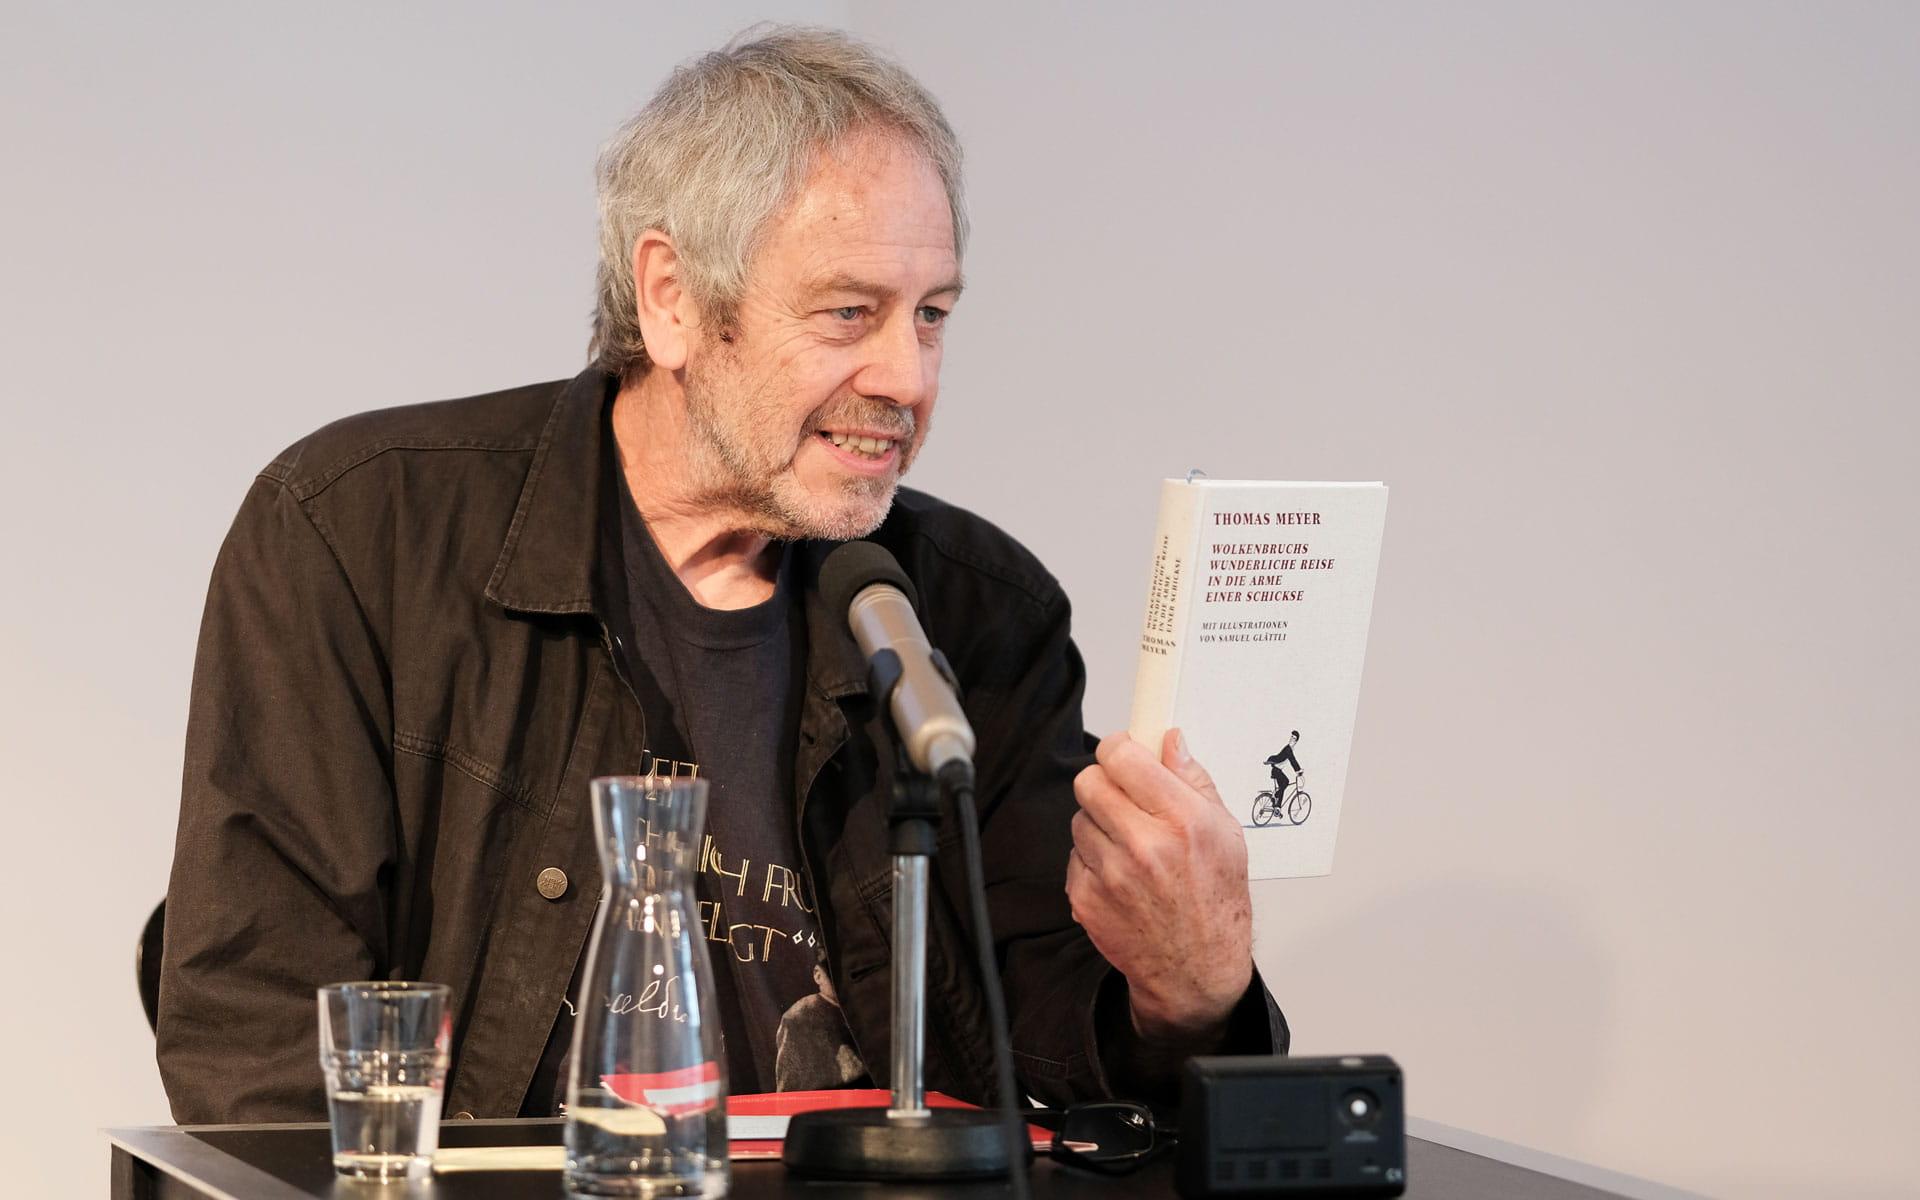 Thomas Meyer: Wolkenbruchs wunderliche Reise in die Arme einer Schickse <br/>(c) Sebastian Wenzel